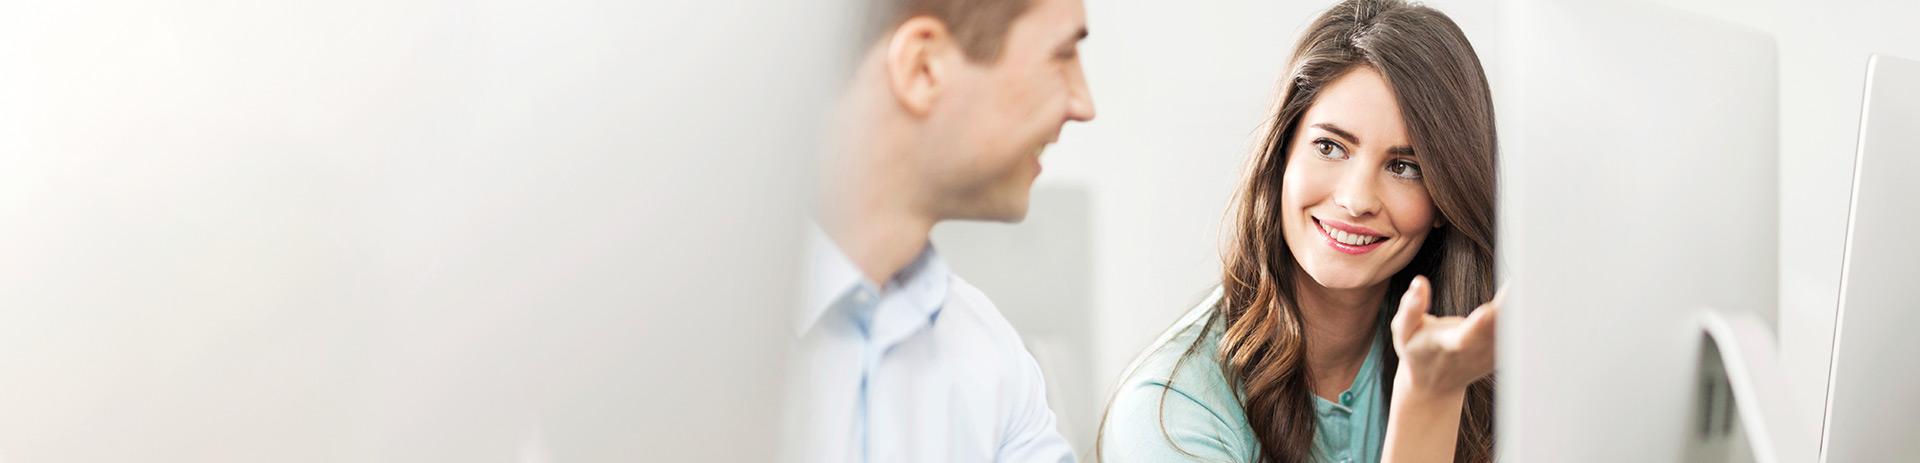 eine junge Dame und ein junger Herr sitzen vor einem Bildschirm